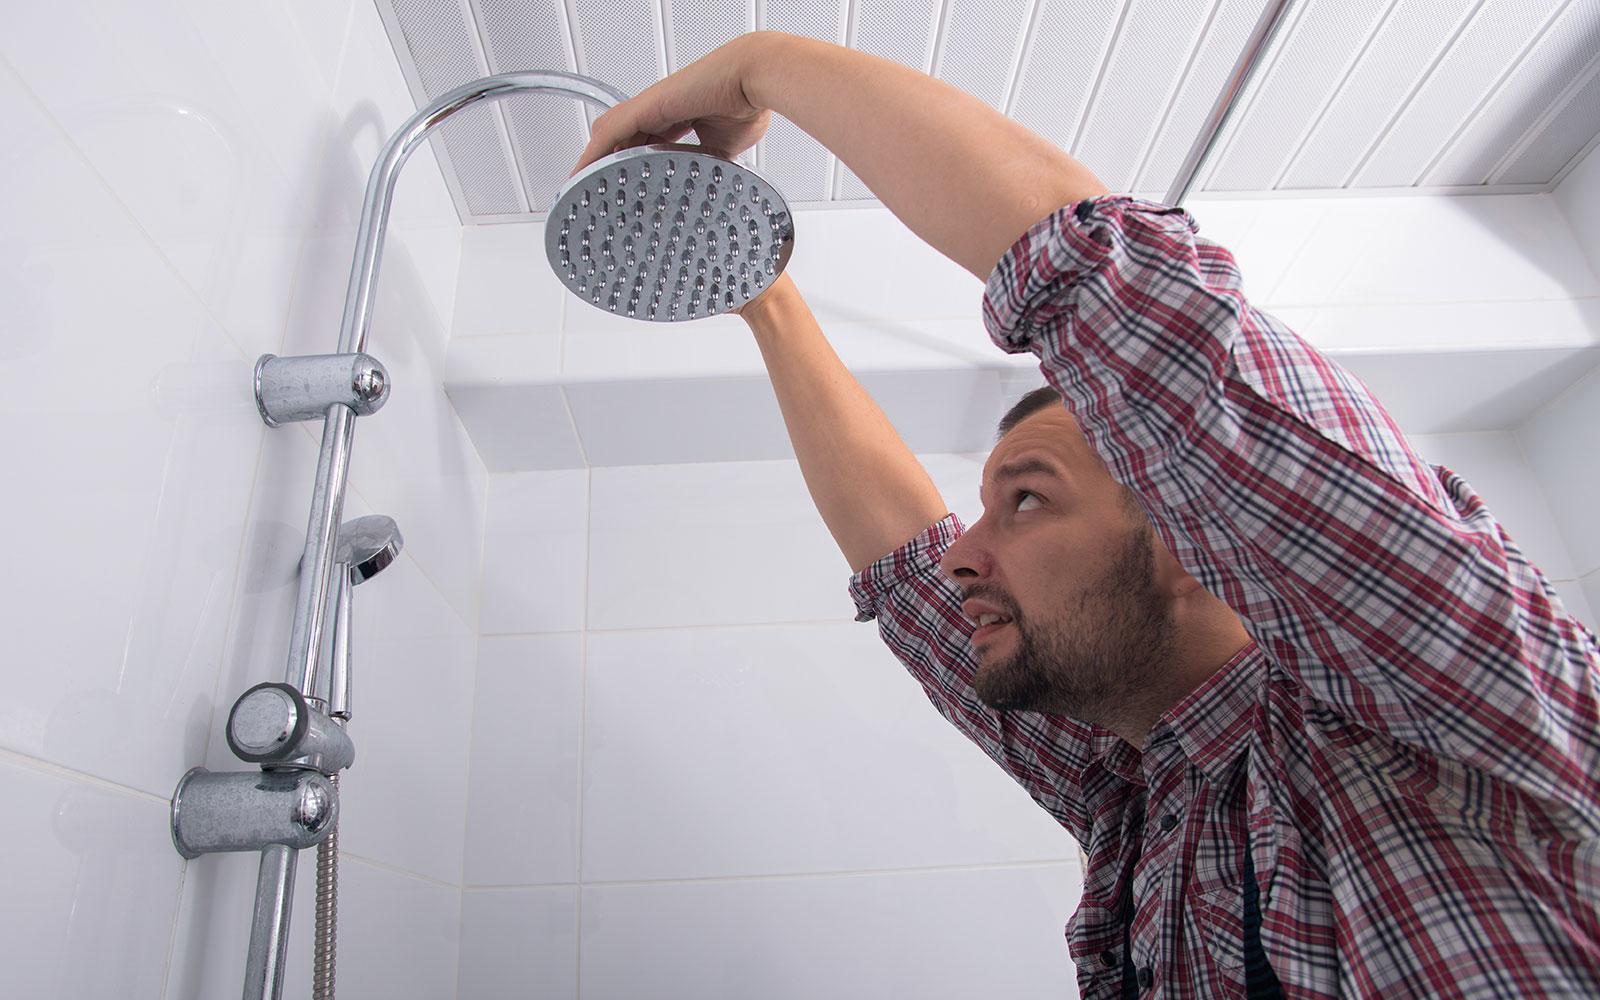 Économies d'eau : comment sauver 100$ en 15 minutes ?